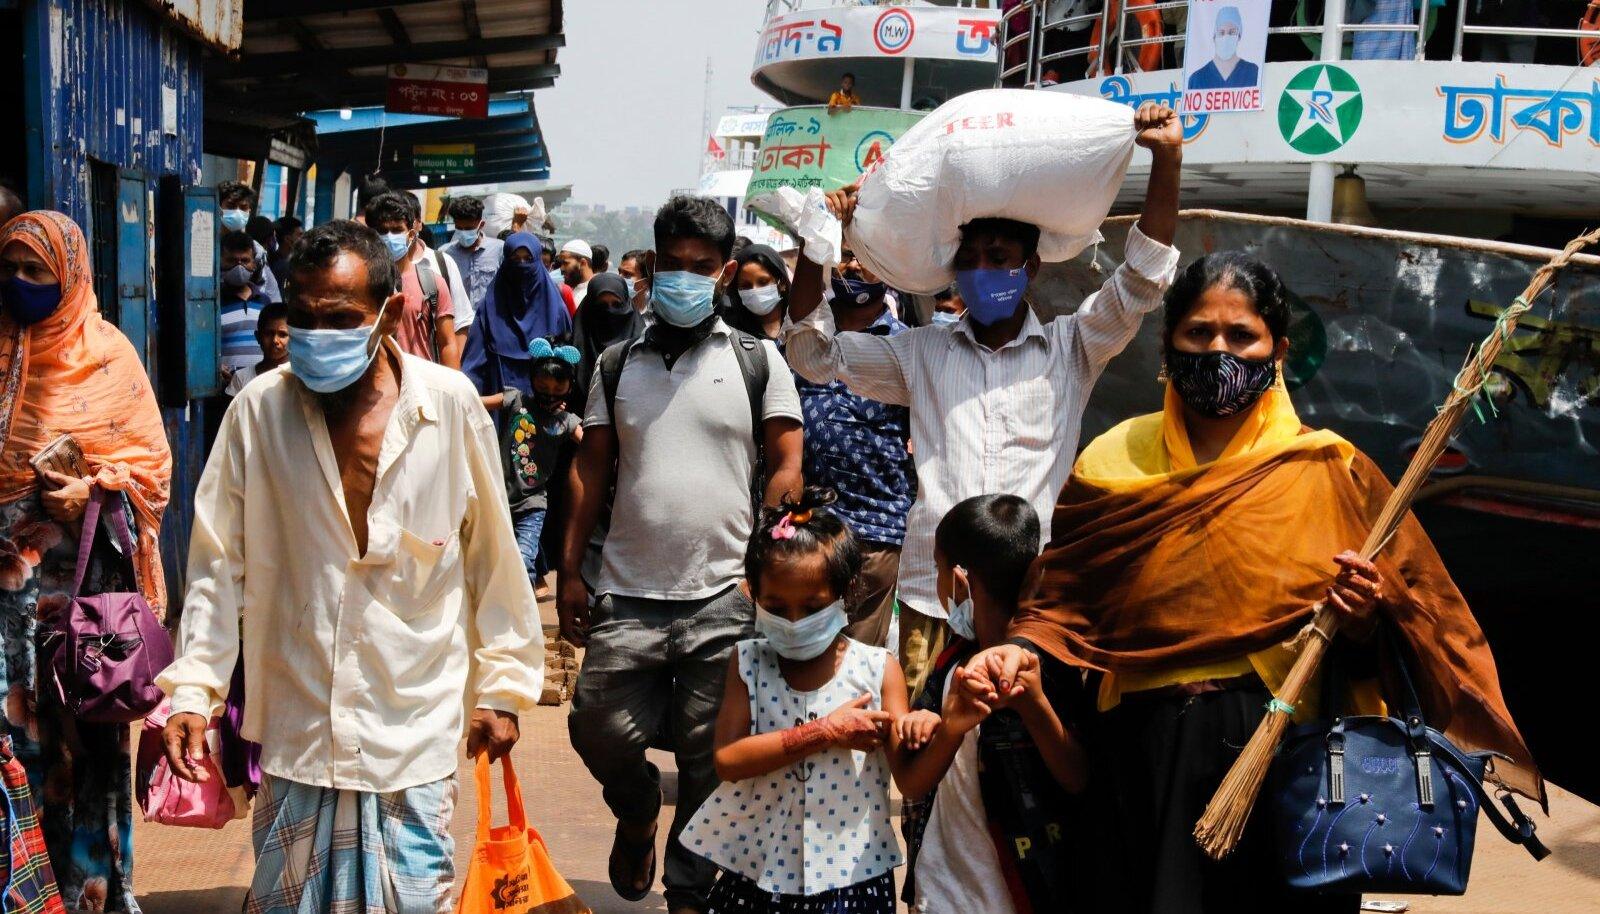 VAKTSIINI OOTEL: Vaid maskid pandeemiat ei lõpeta, kuid elusid päästa aitavad küll.